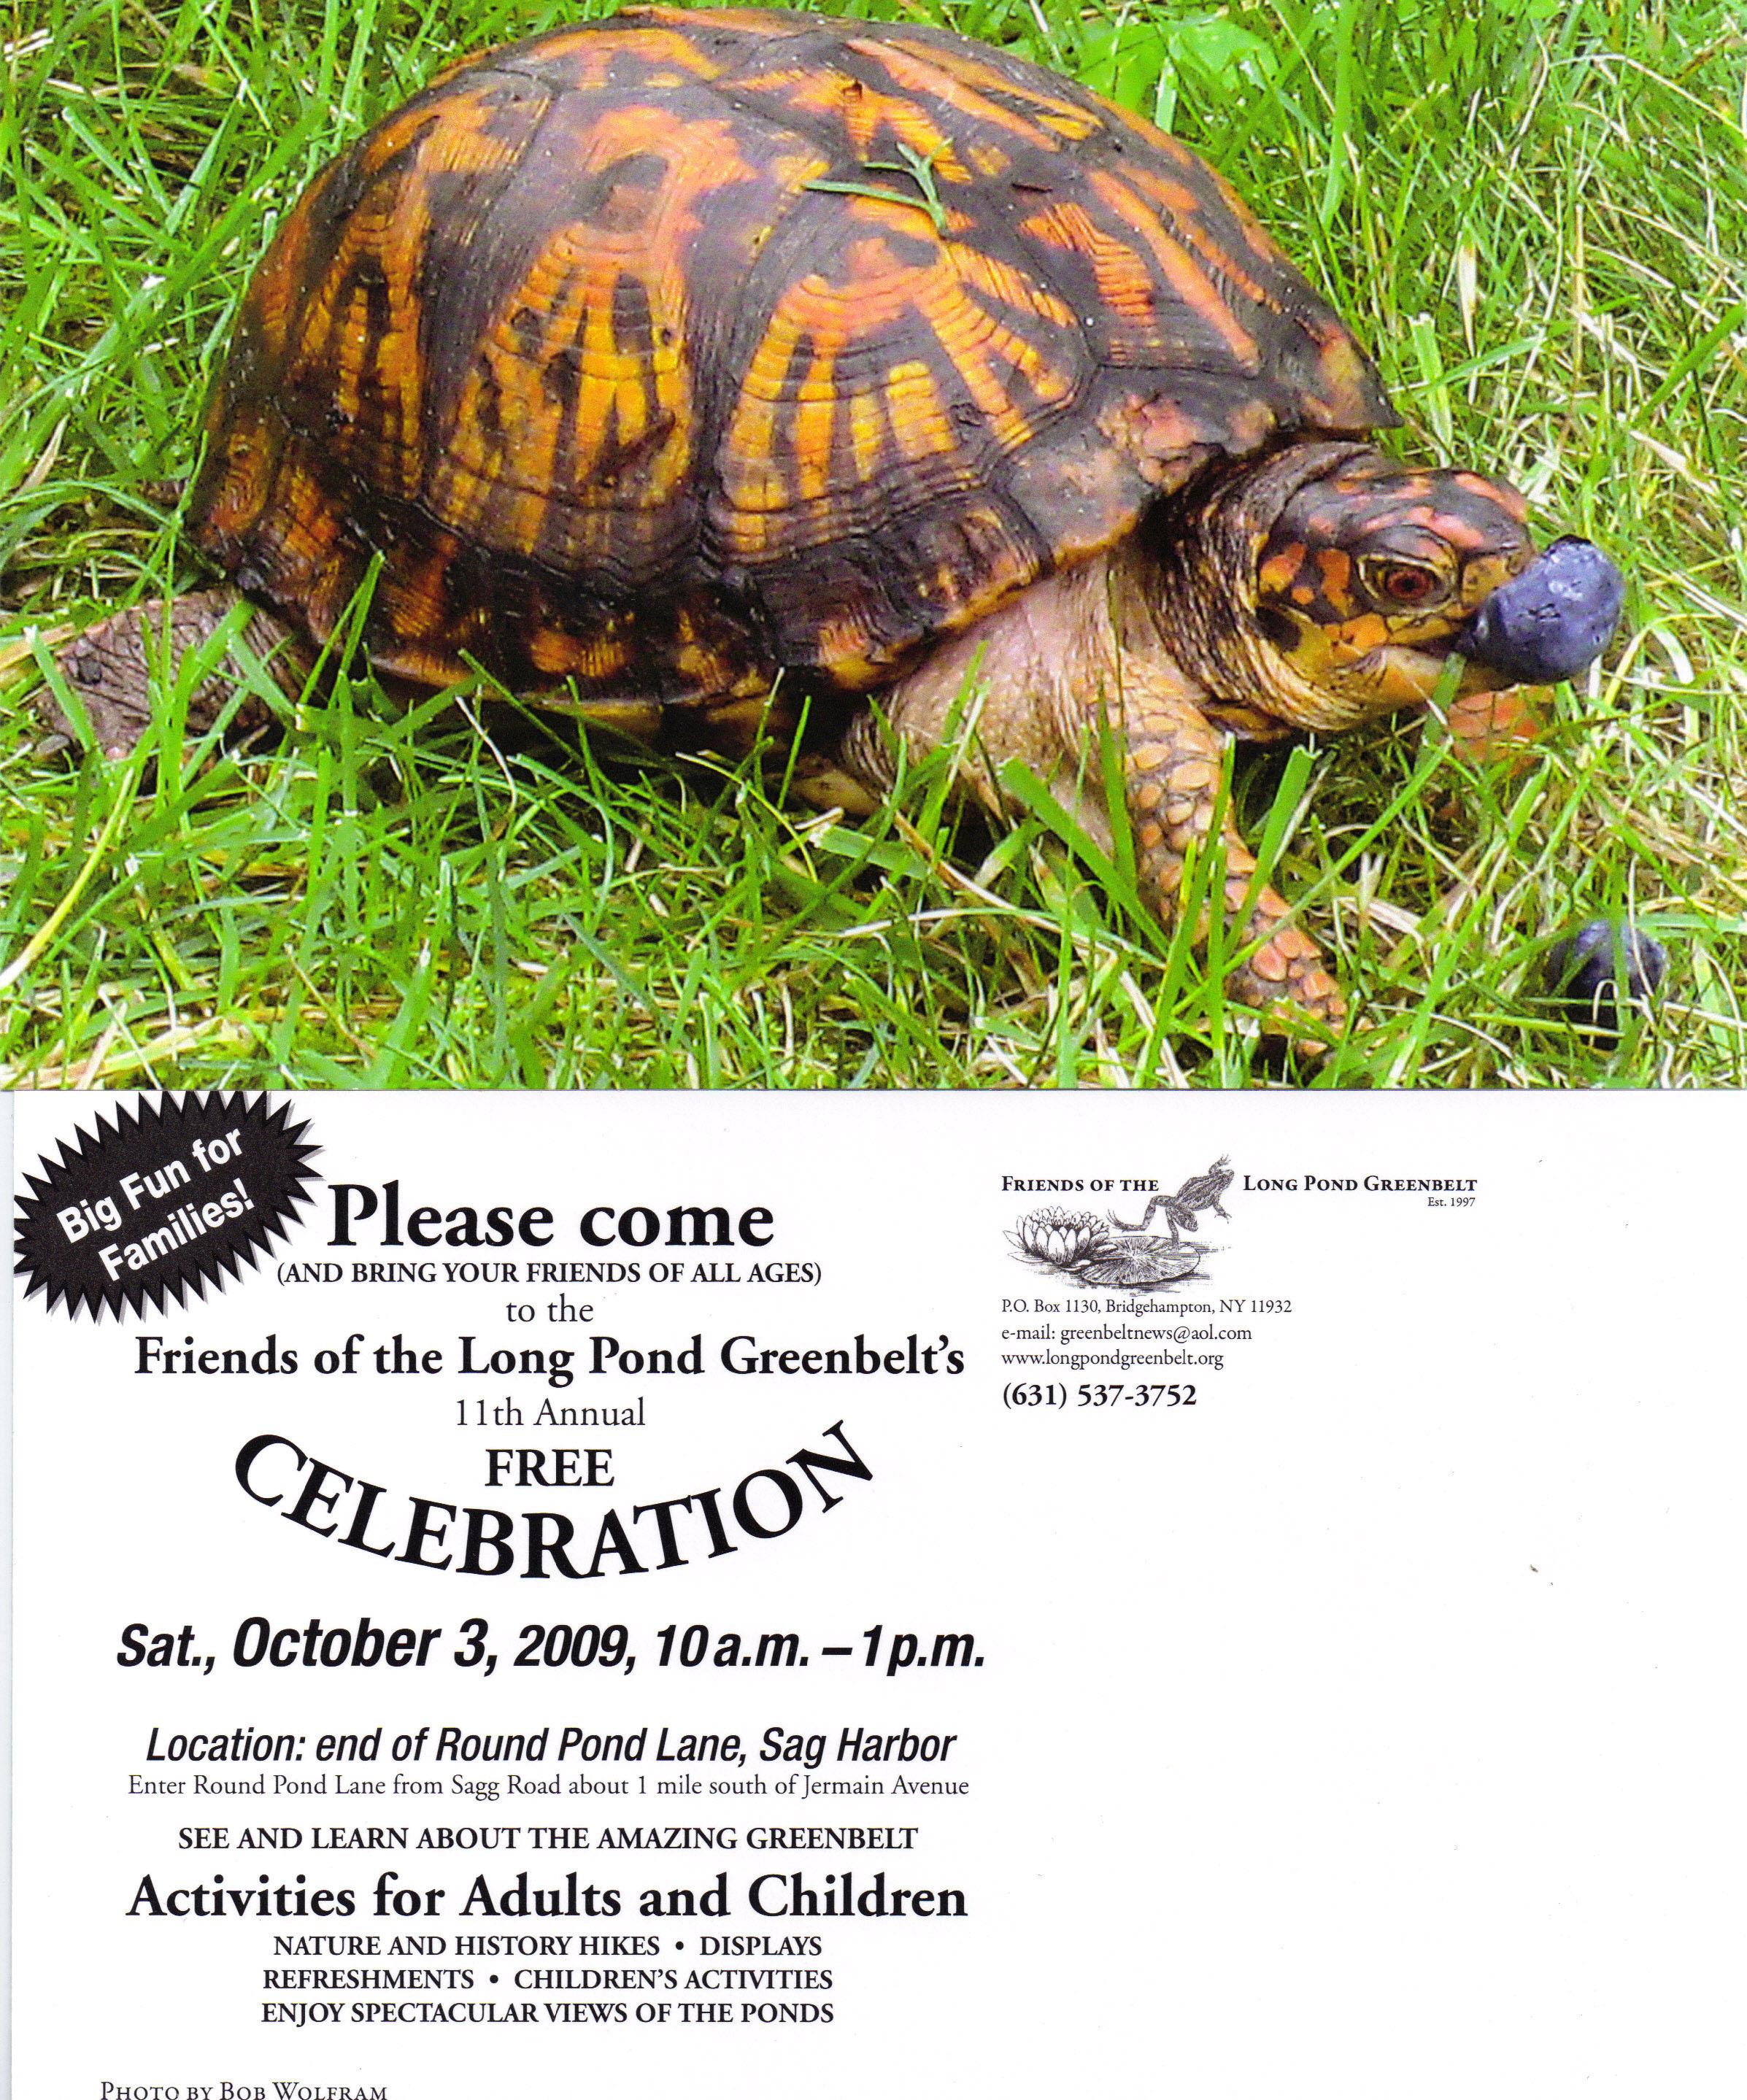 FLPG Celebration 2009 flyer